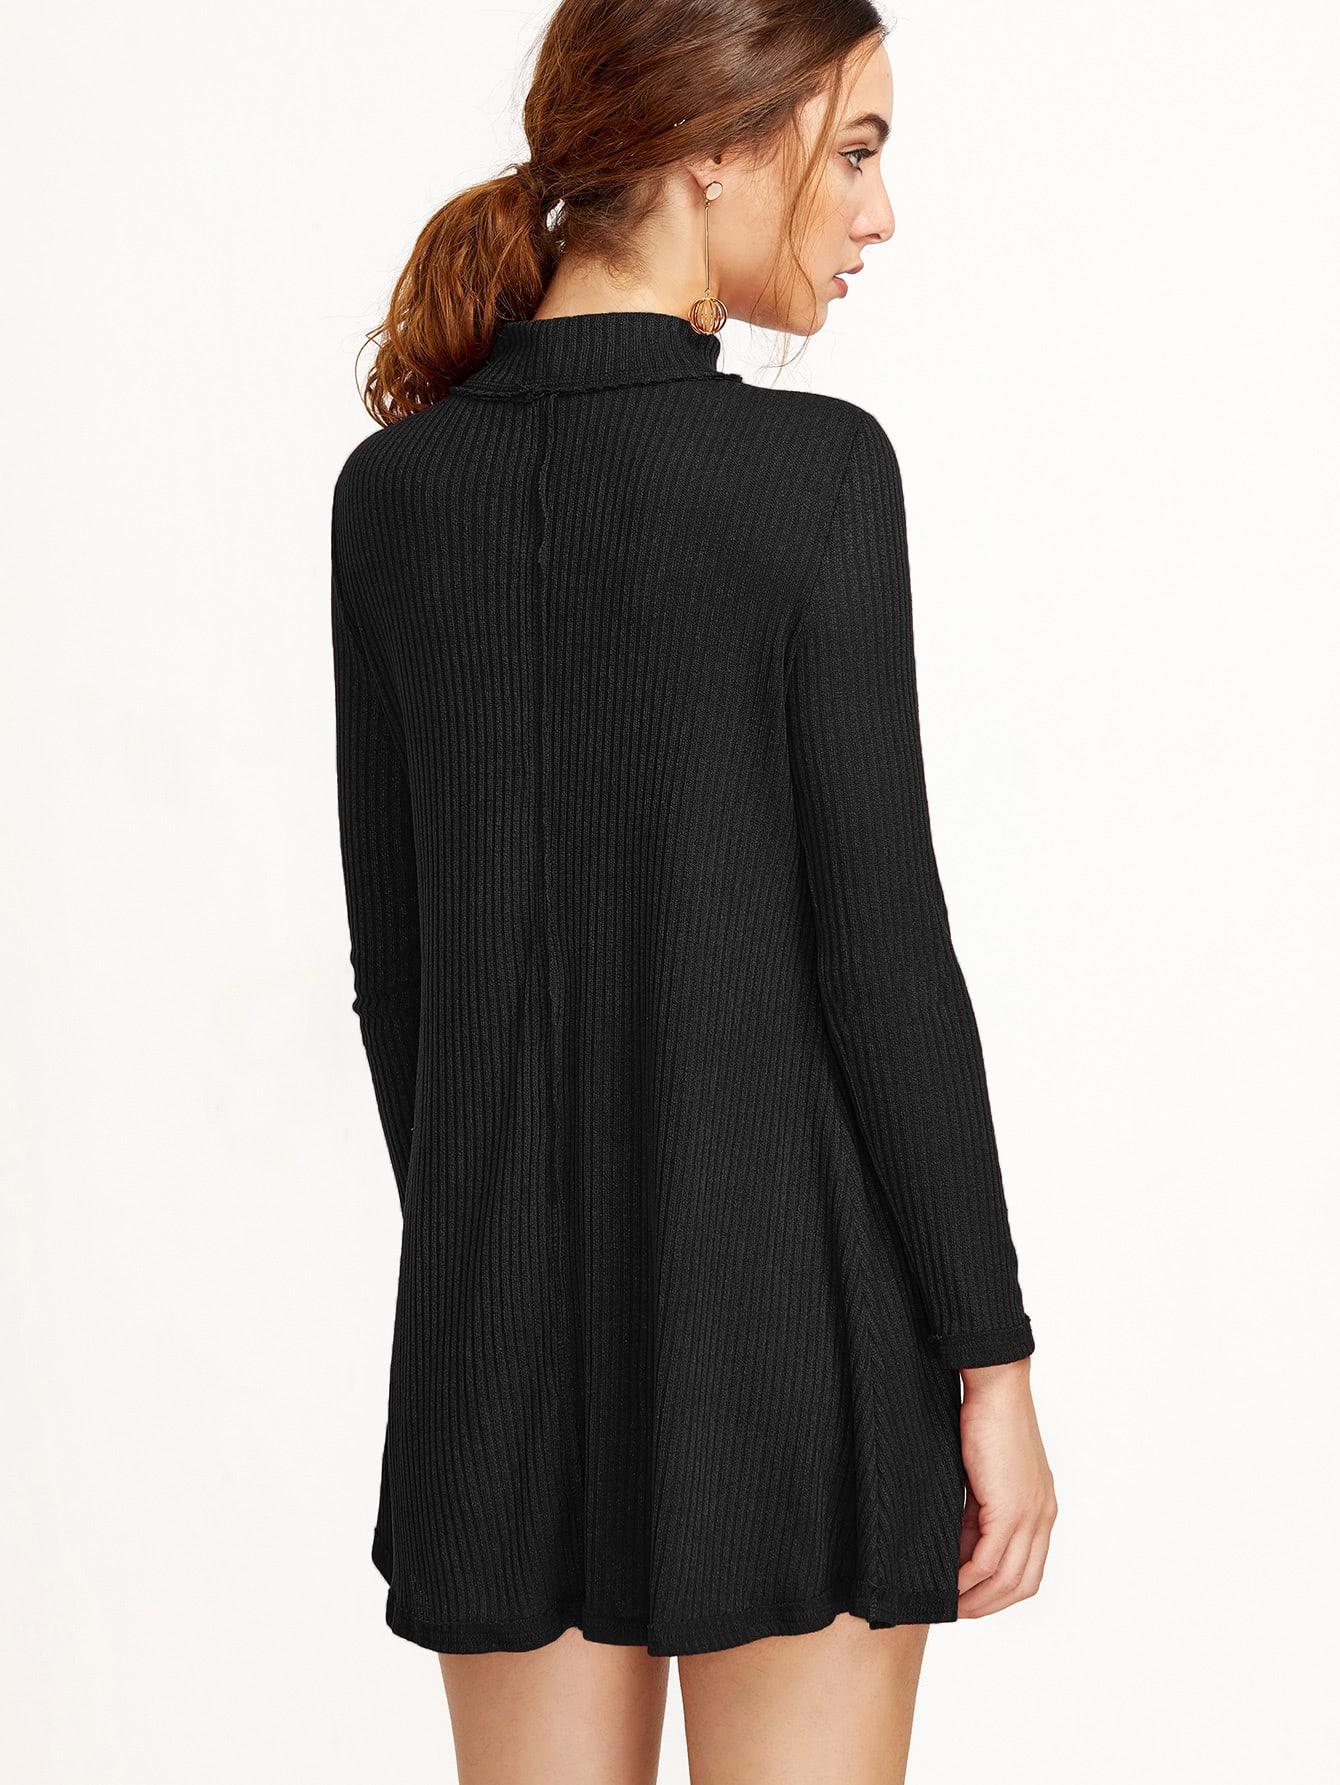 dress161207301_2